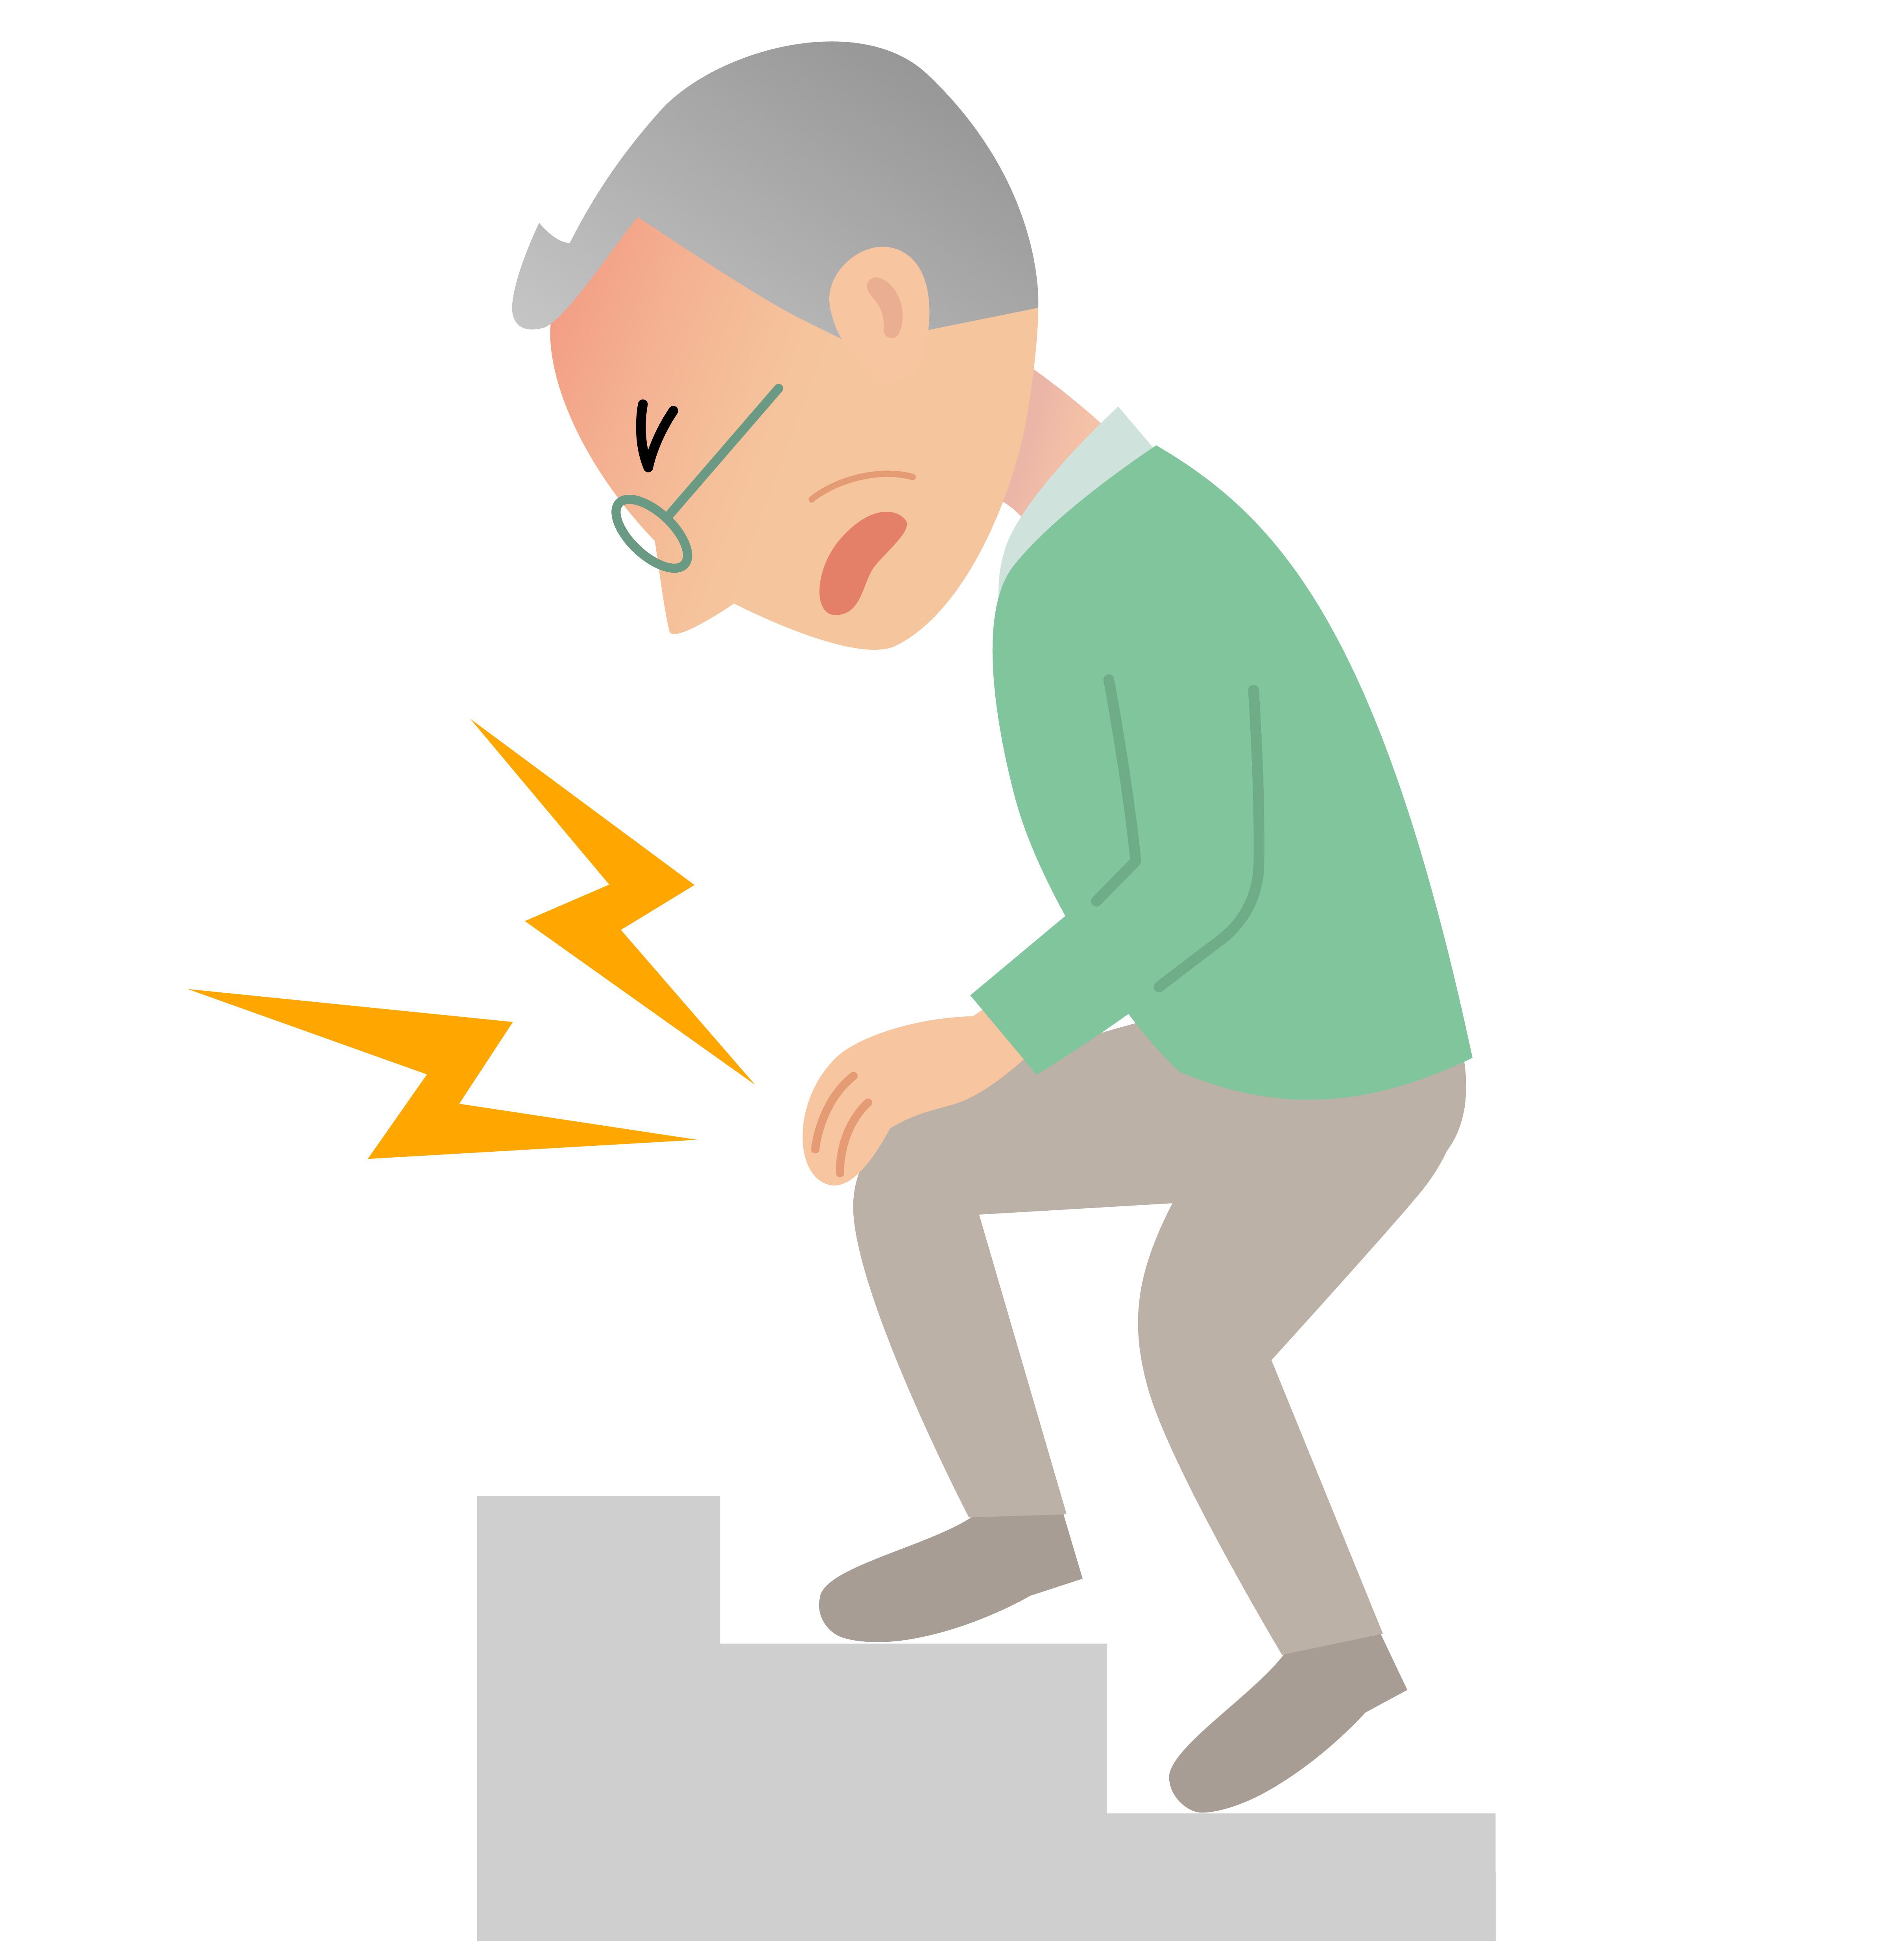 膝の水を抜くと癖になる?変形性膝関節症の正しい知識と予防やリハビリについて